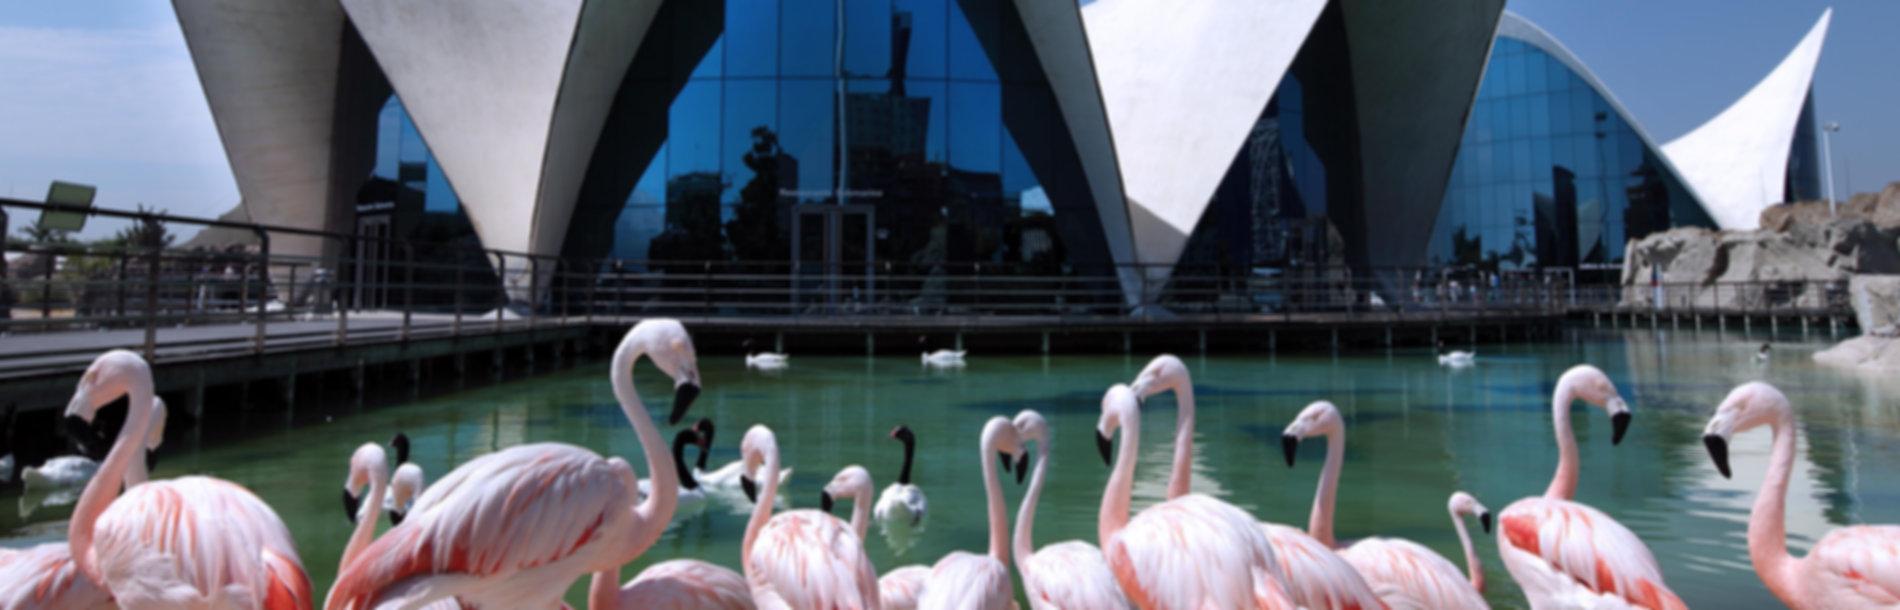 טיולים מאורגנים בולנסיה 2019